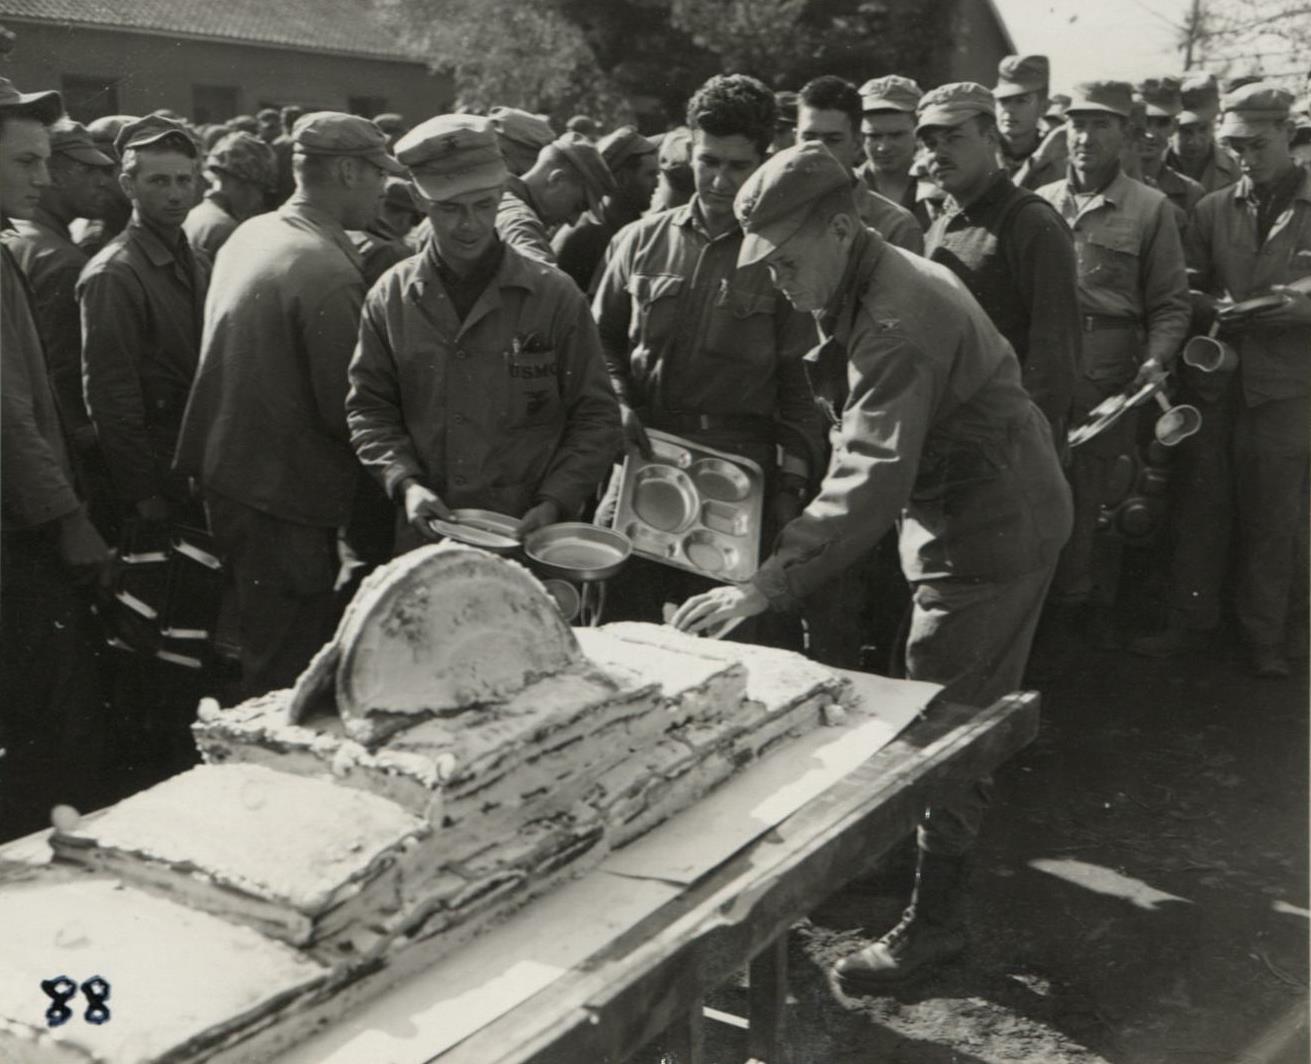 Marine Corps Birthday Ceremony Cake Cutting